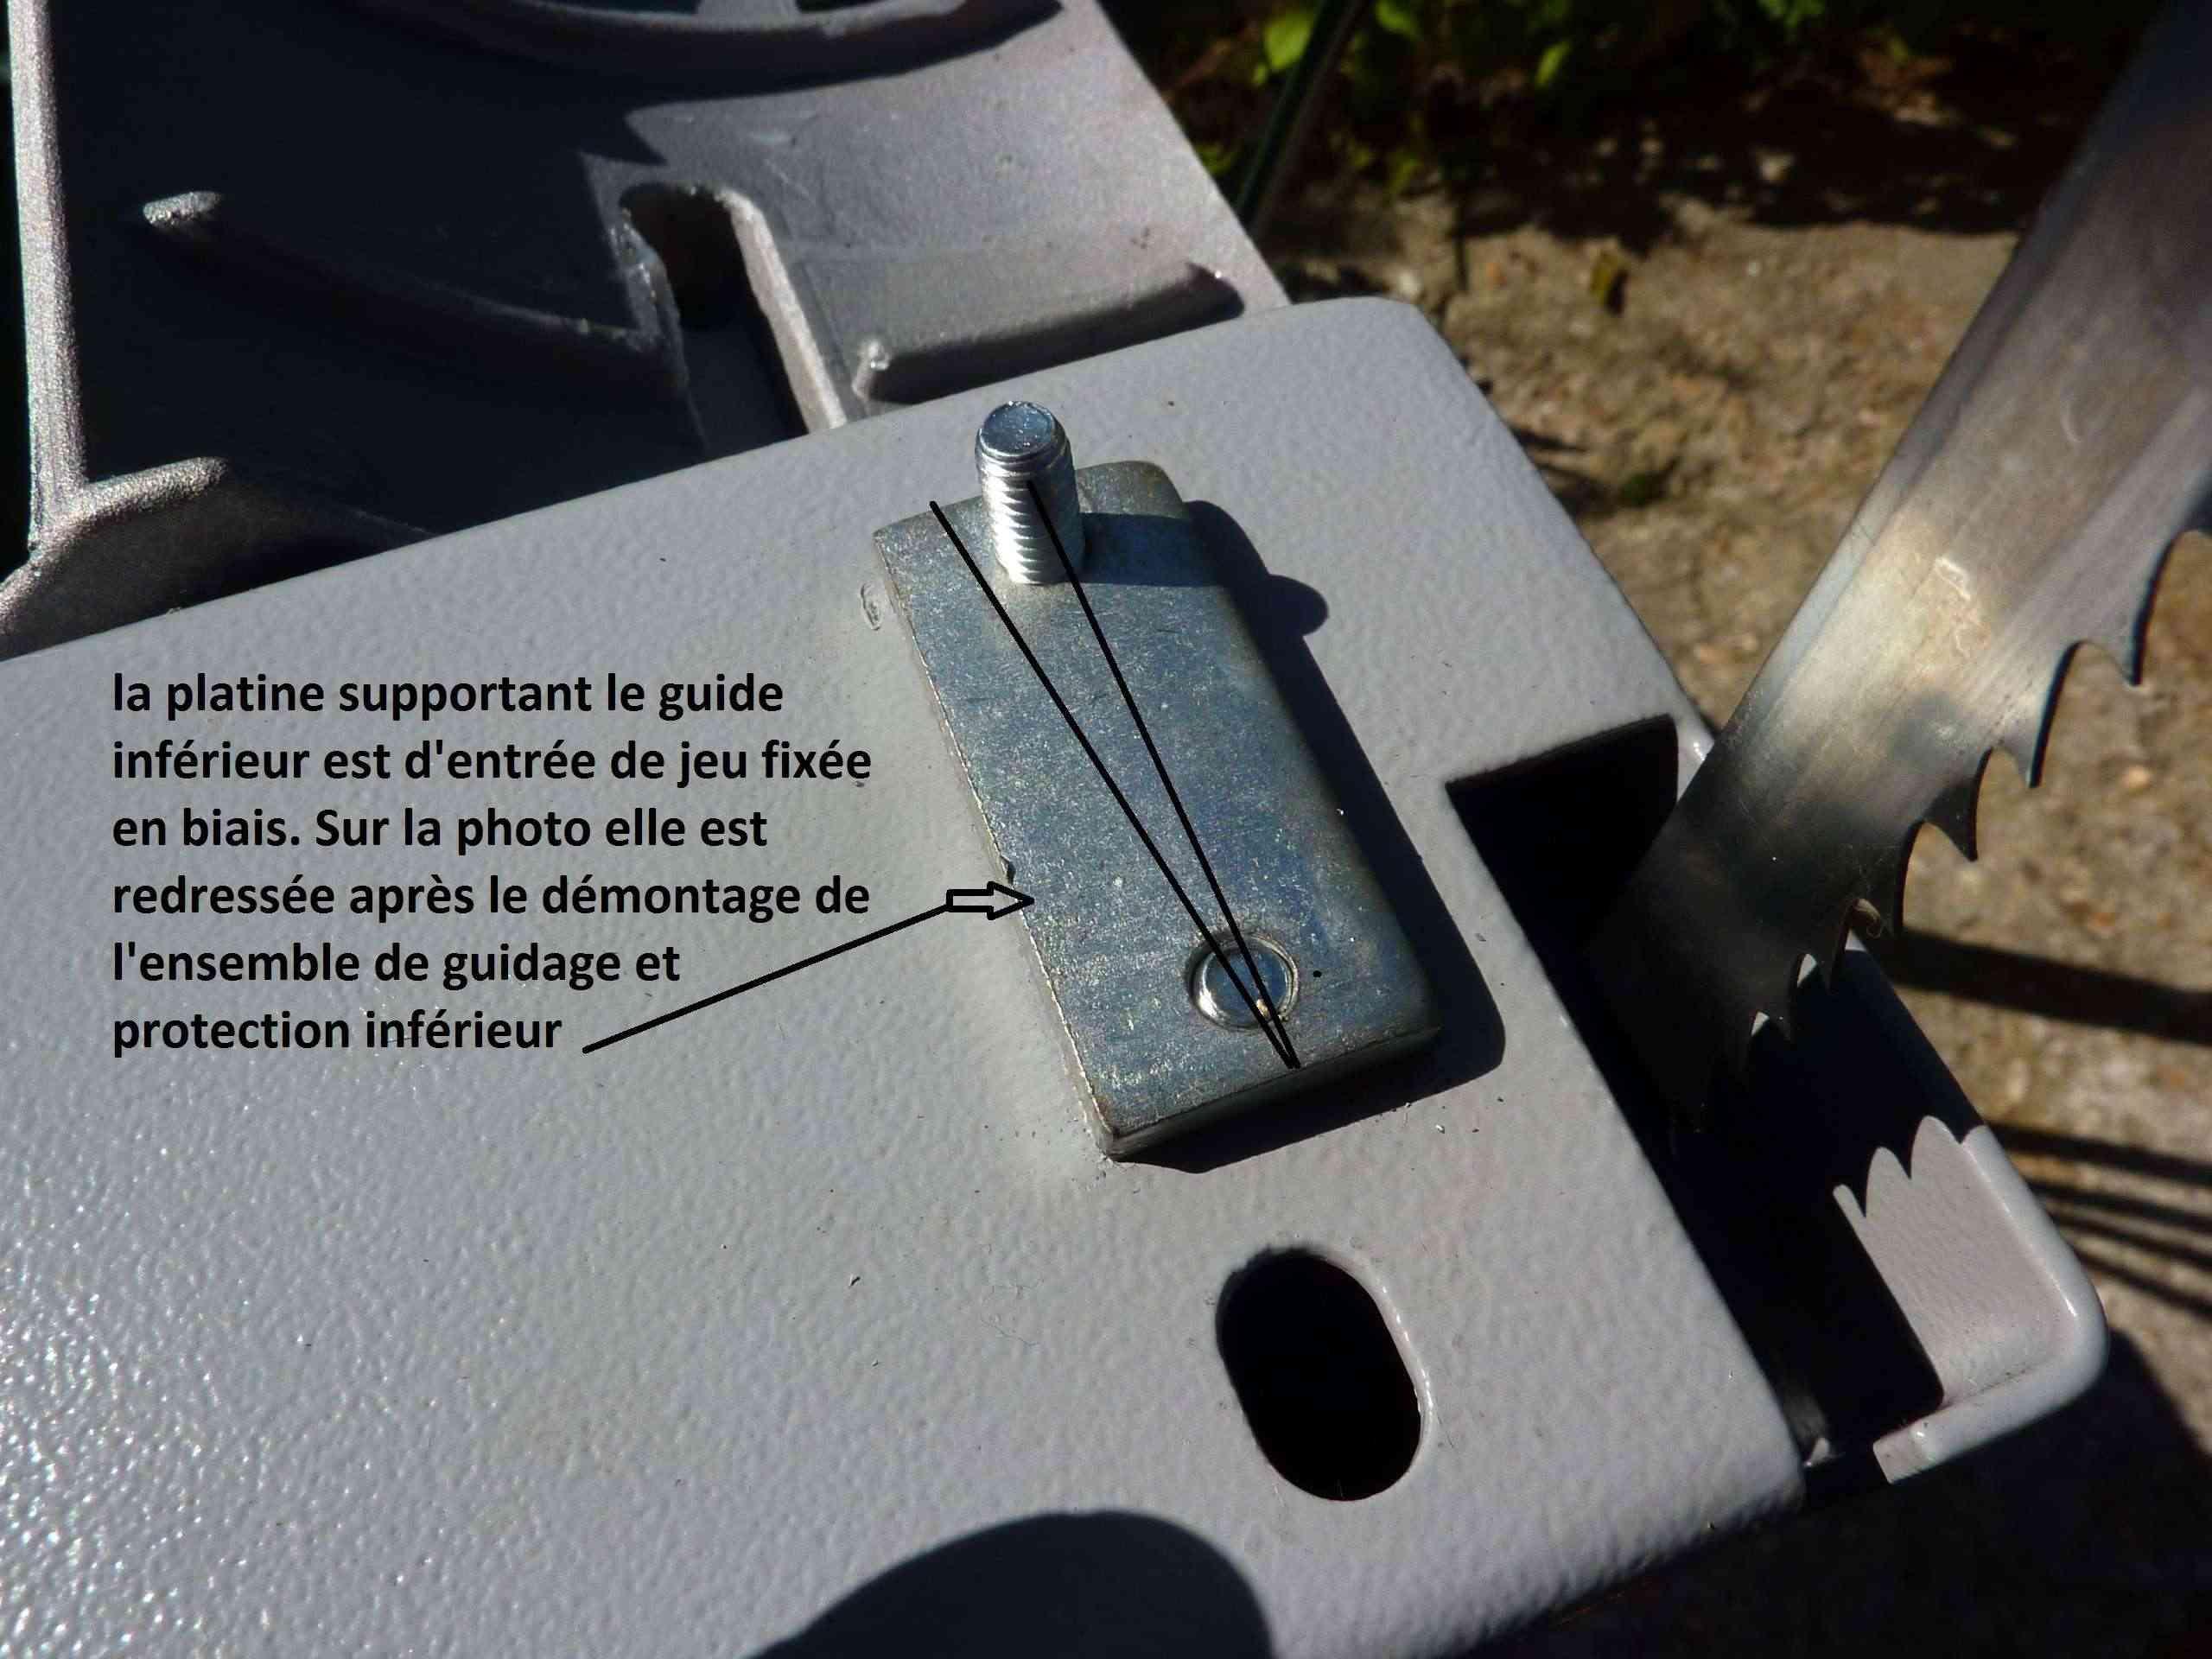 MA présentation de la scie à ruban Peugeot Energy band 160 à 279€ 6_plat10